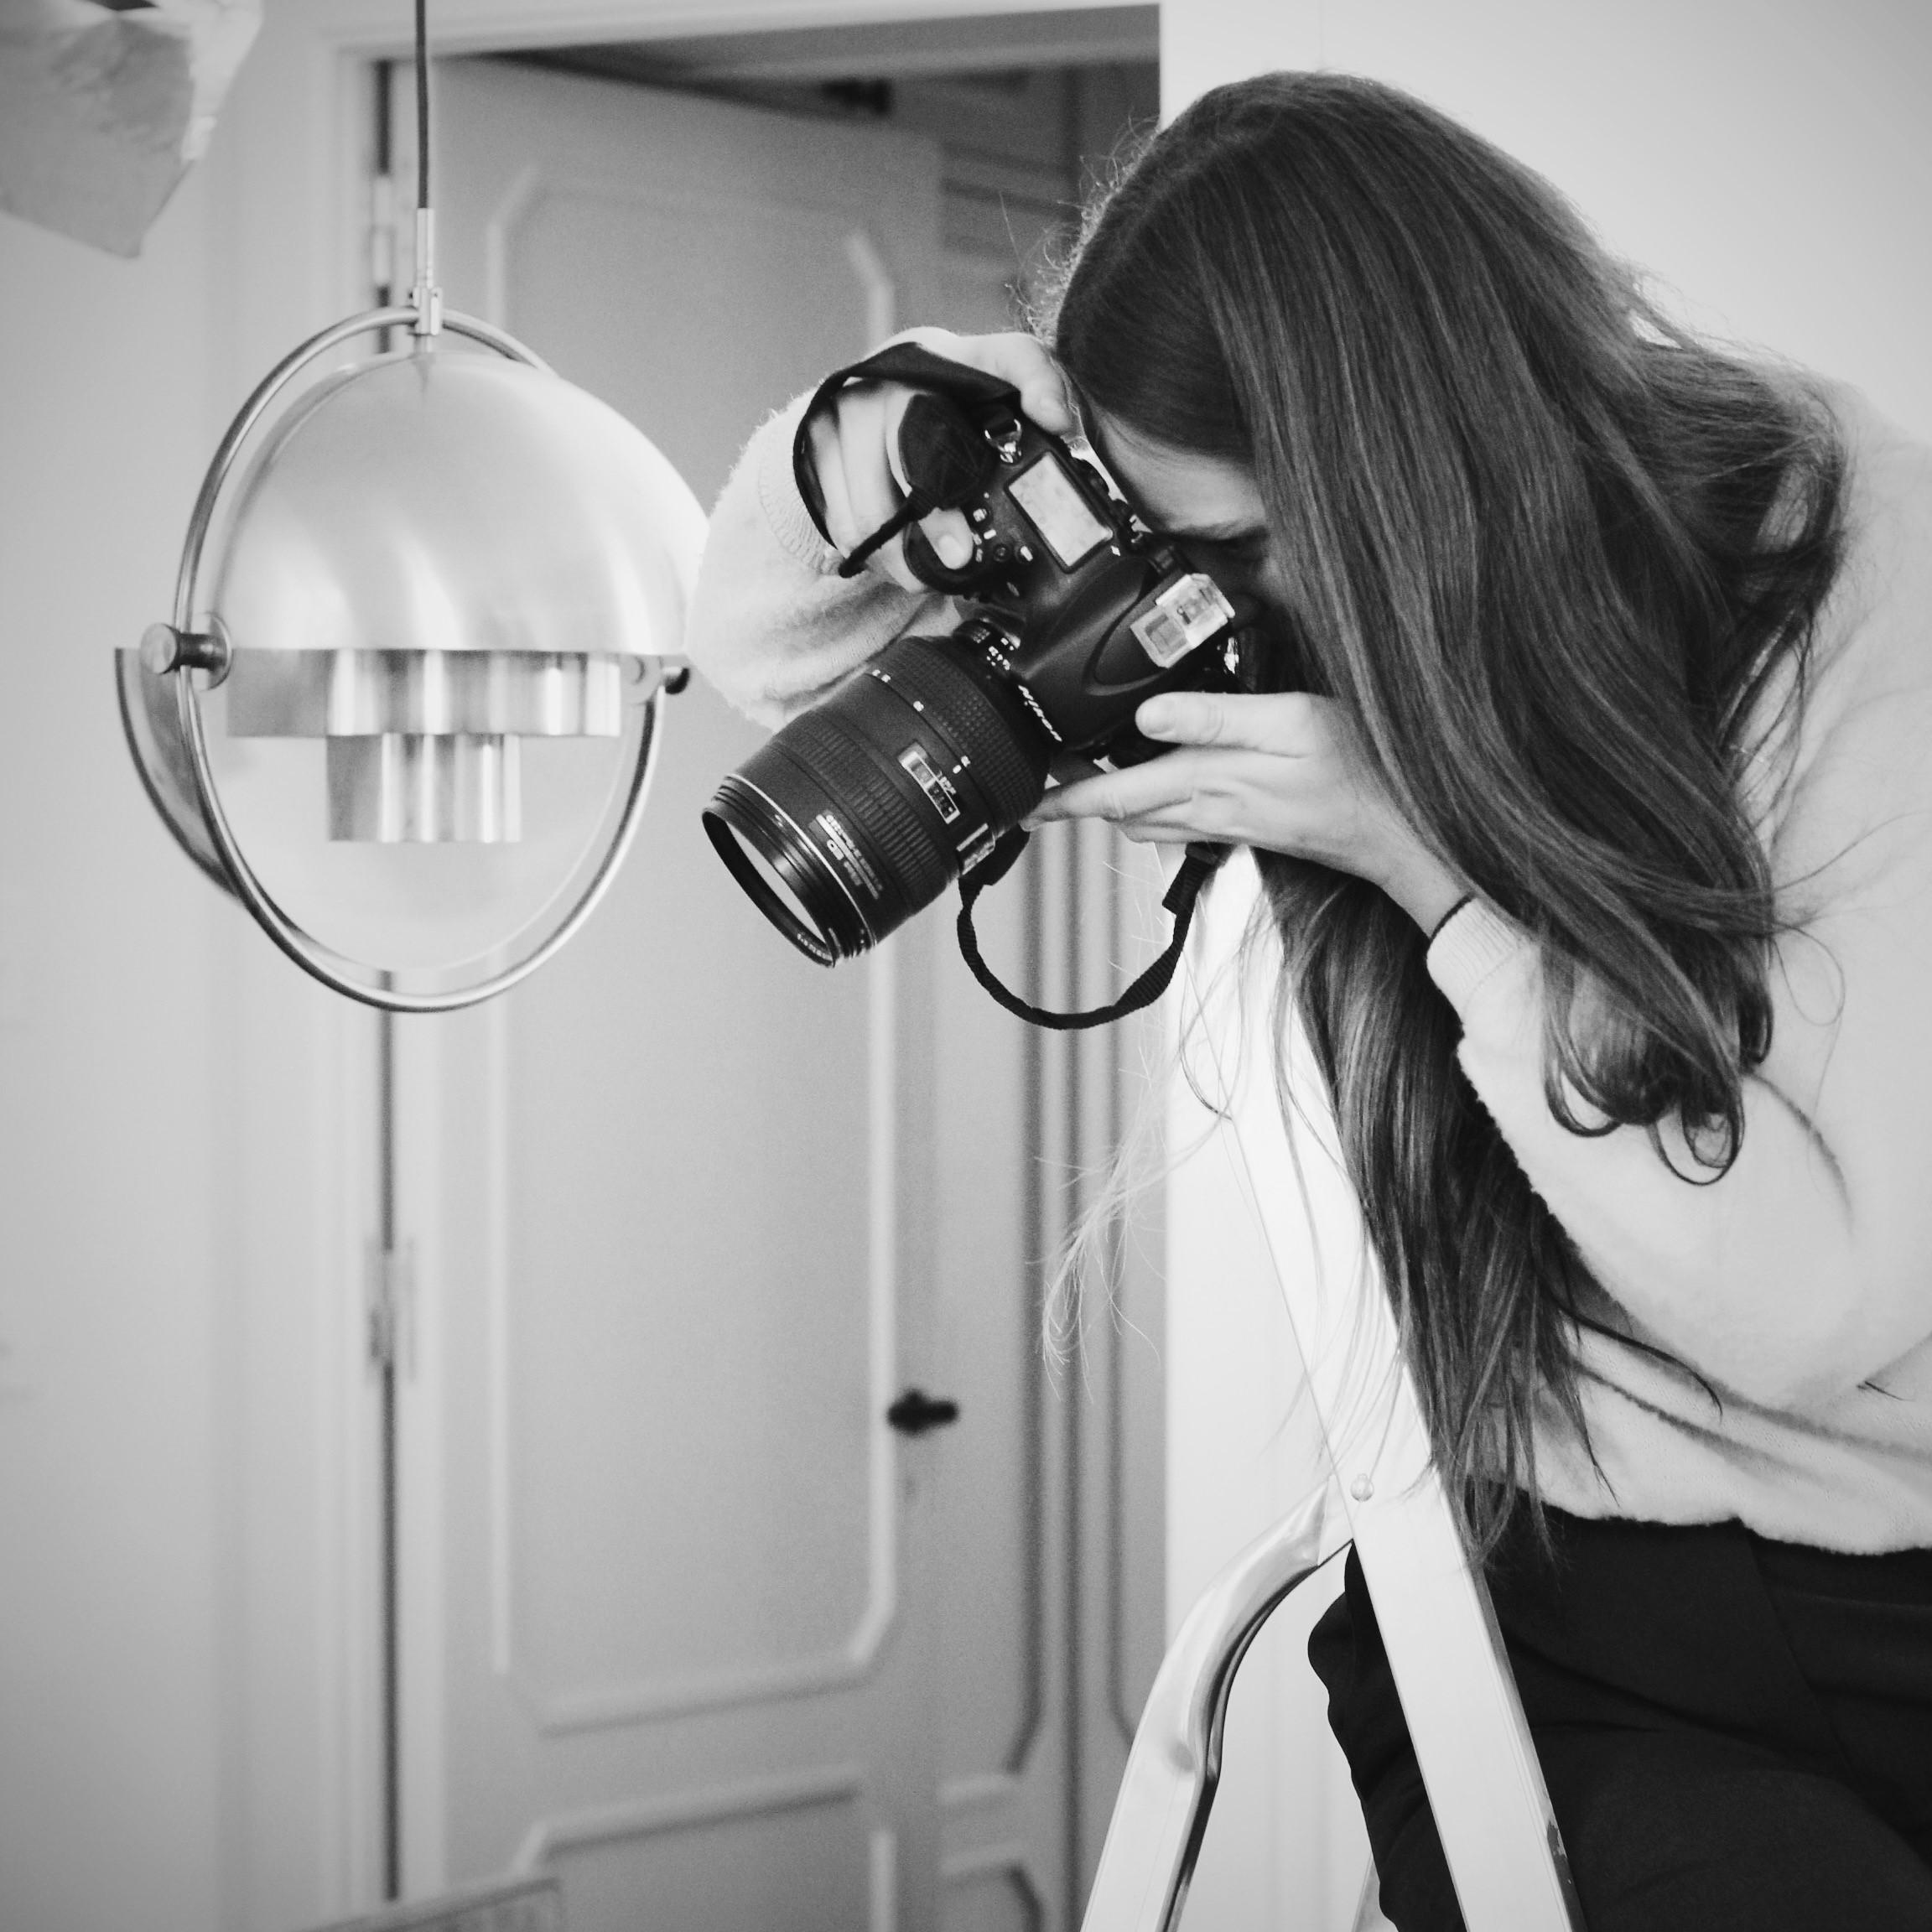 FR-One photoshoot